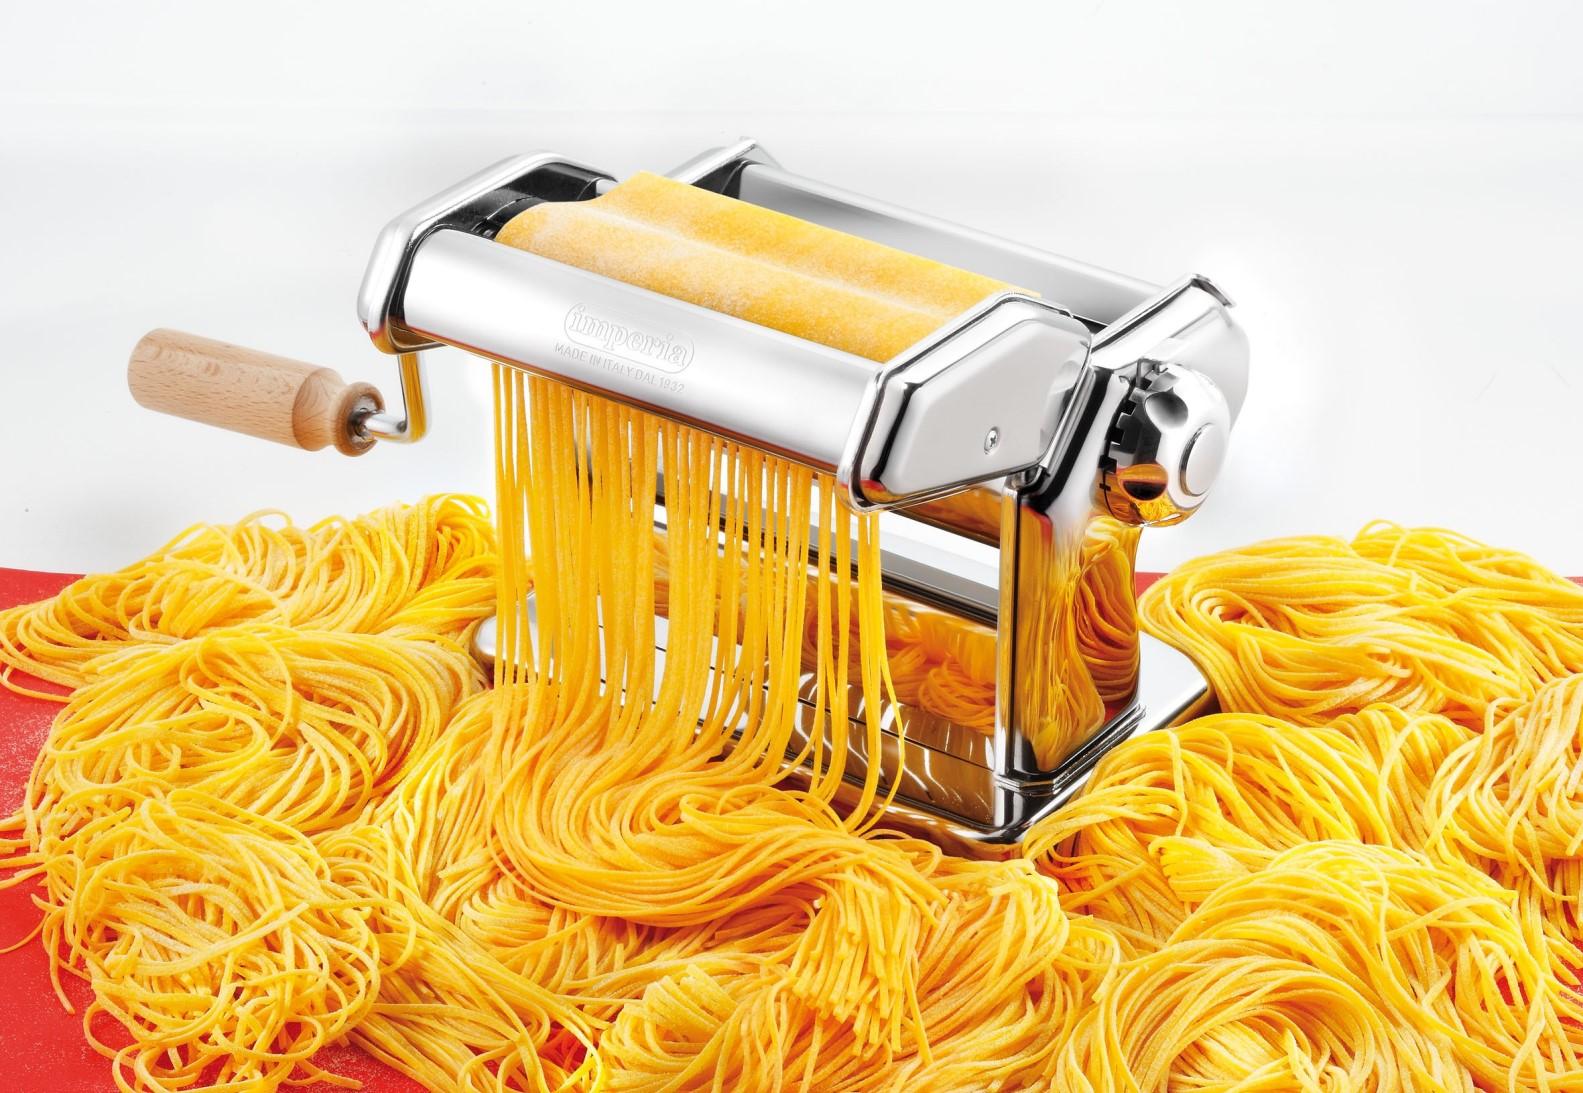 Паста-машина ручная iPasta 6 положений Imperia, серебристый Imperia 100 фото 3